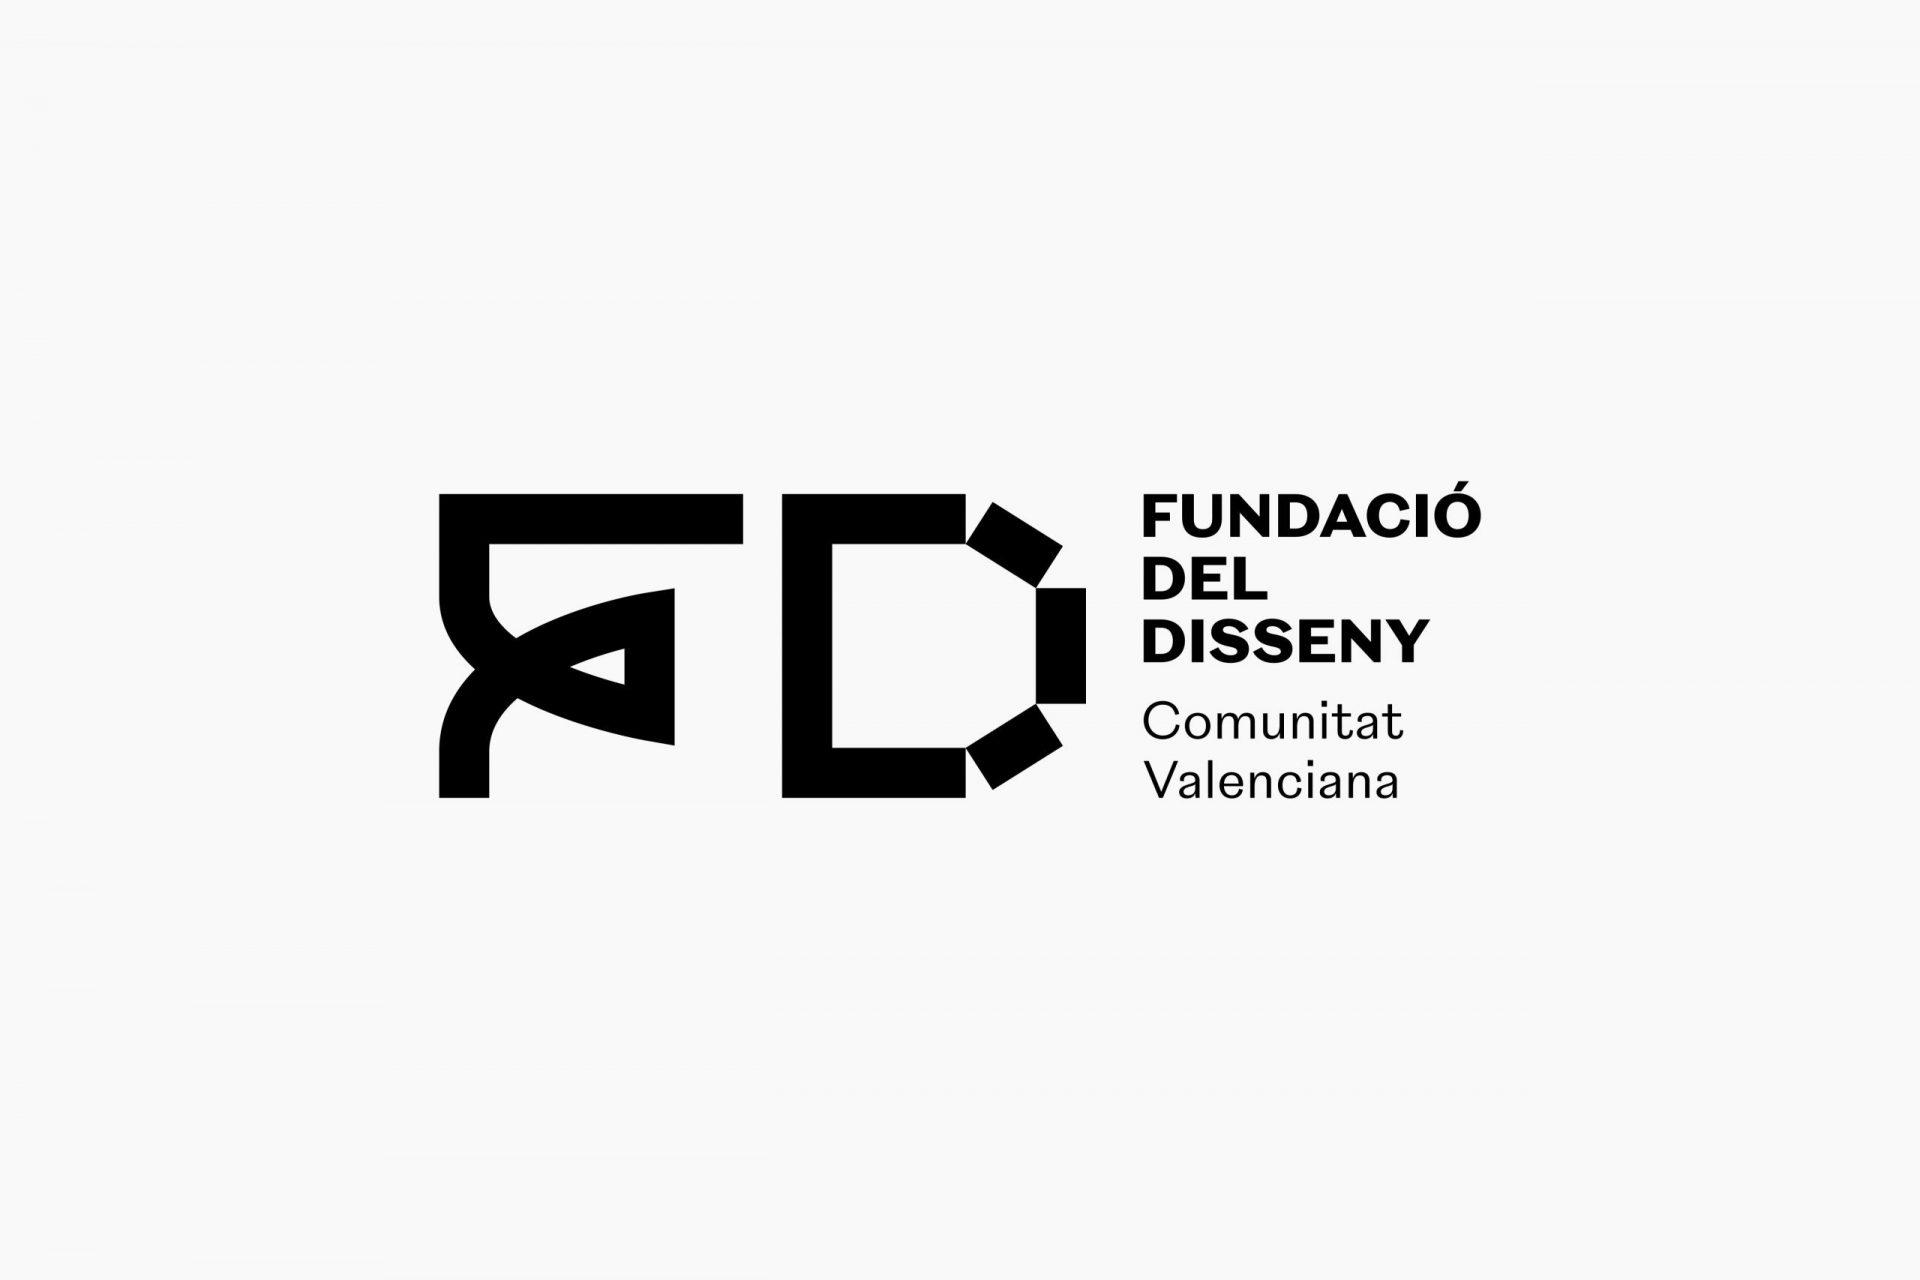 Nace la Fundació del Disseny de la Comunitat Valenciana